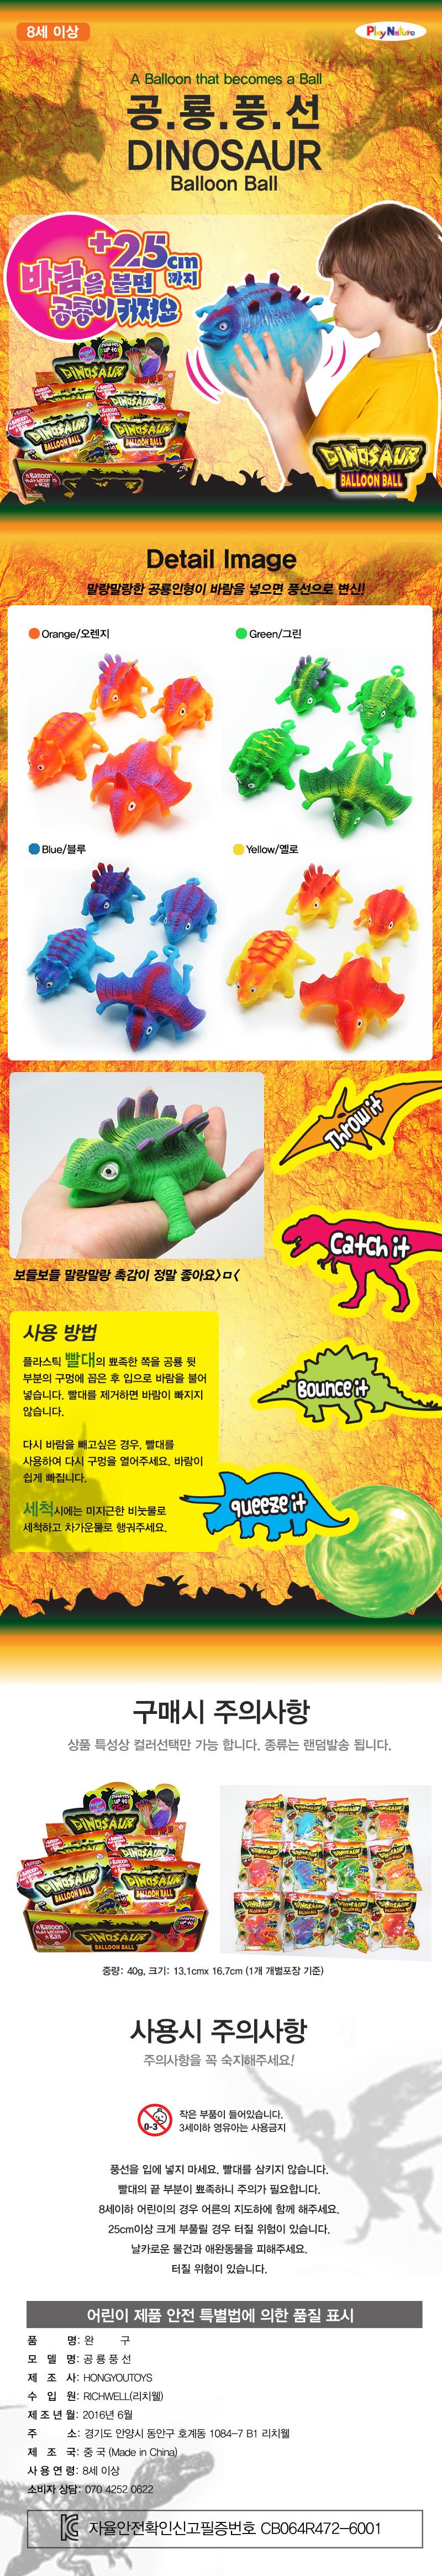 공룡풍선 Dinosaur Balloon ball - 플레이네이쳐, 5,000원, 장난감, 장난감